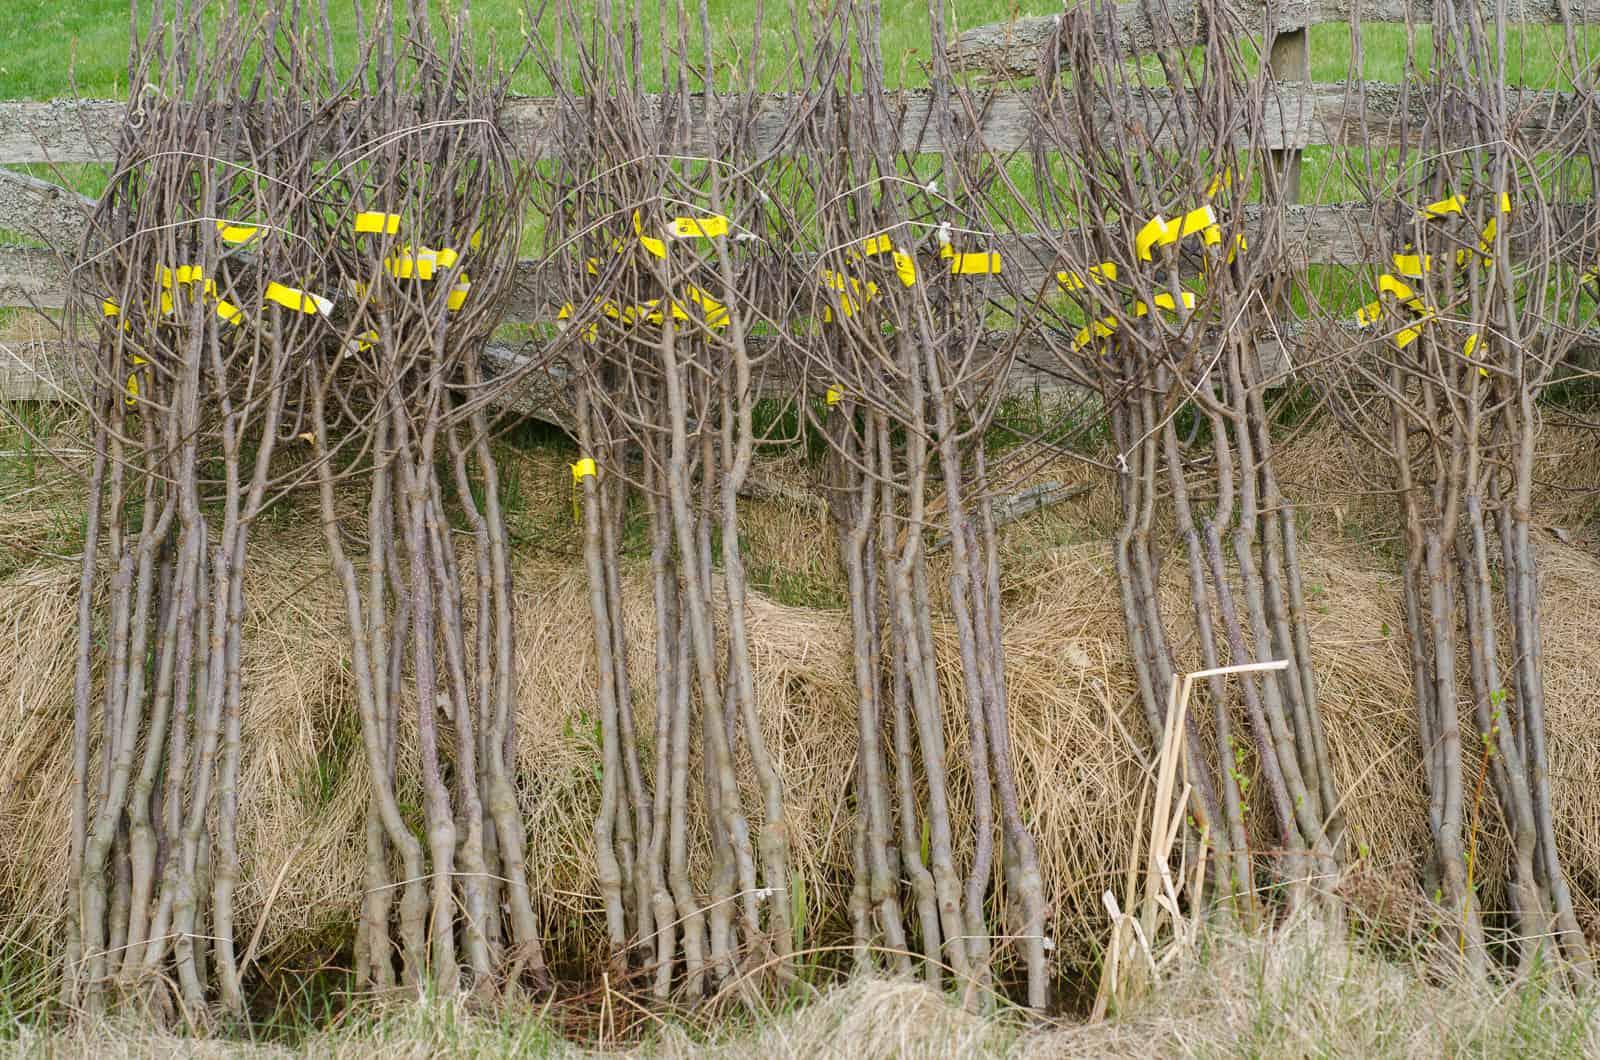 Plantskolan Verbeek i Holland har levererat riktigt fina träd. Bra storlek och mycket fins grenade. Nu ska de först få suga vatten ett dygn innan jag lagrar dem mörkt några dagar i väntan på plantering.